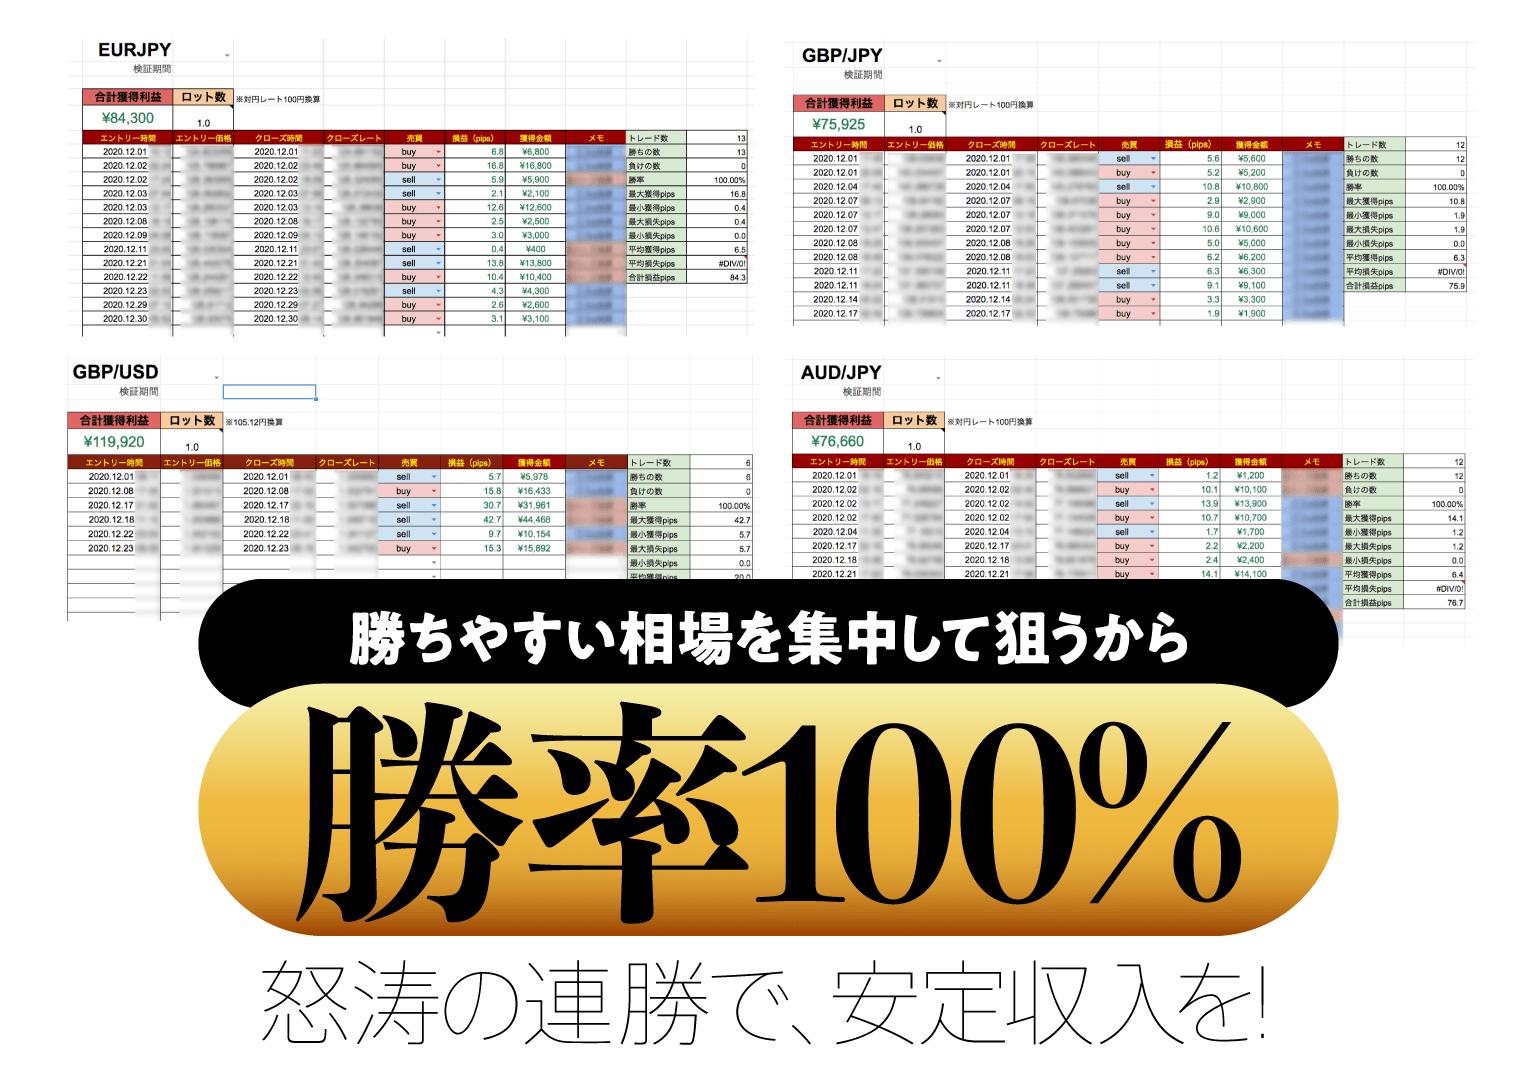 超秒速スキャルFX・成功のイデア